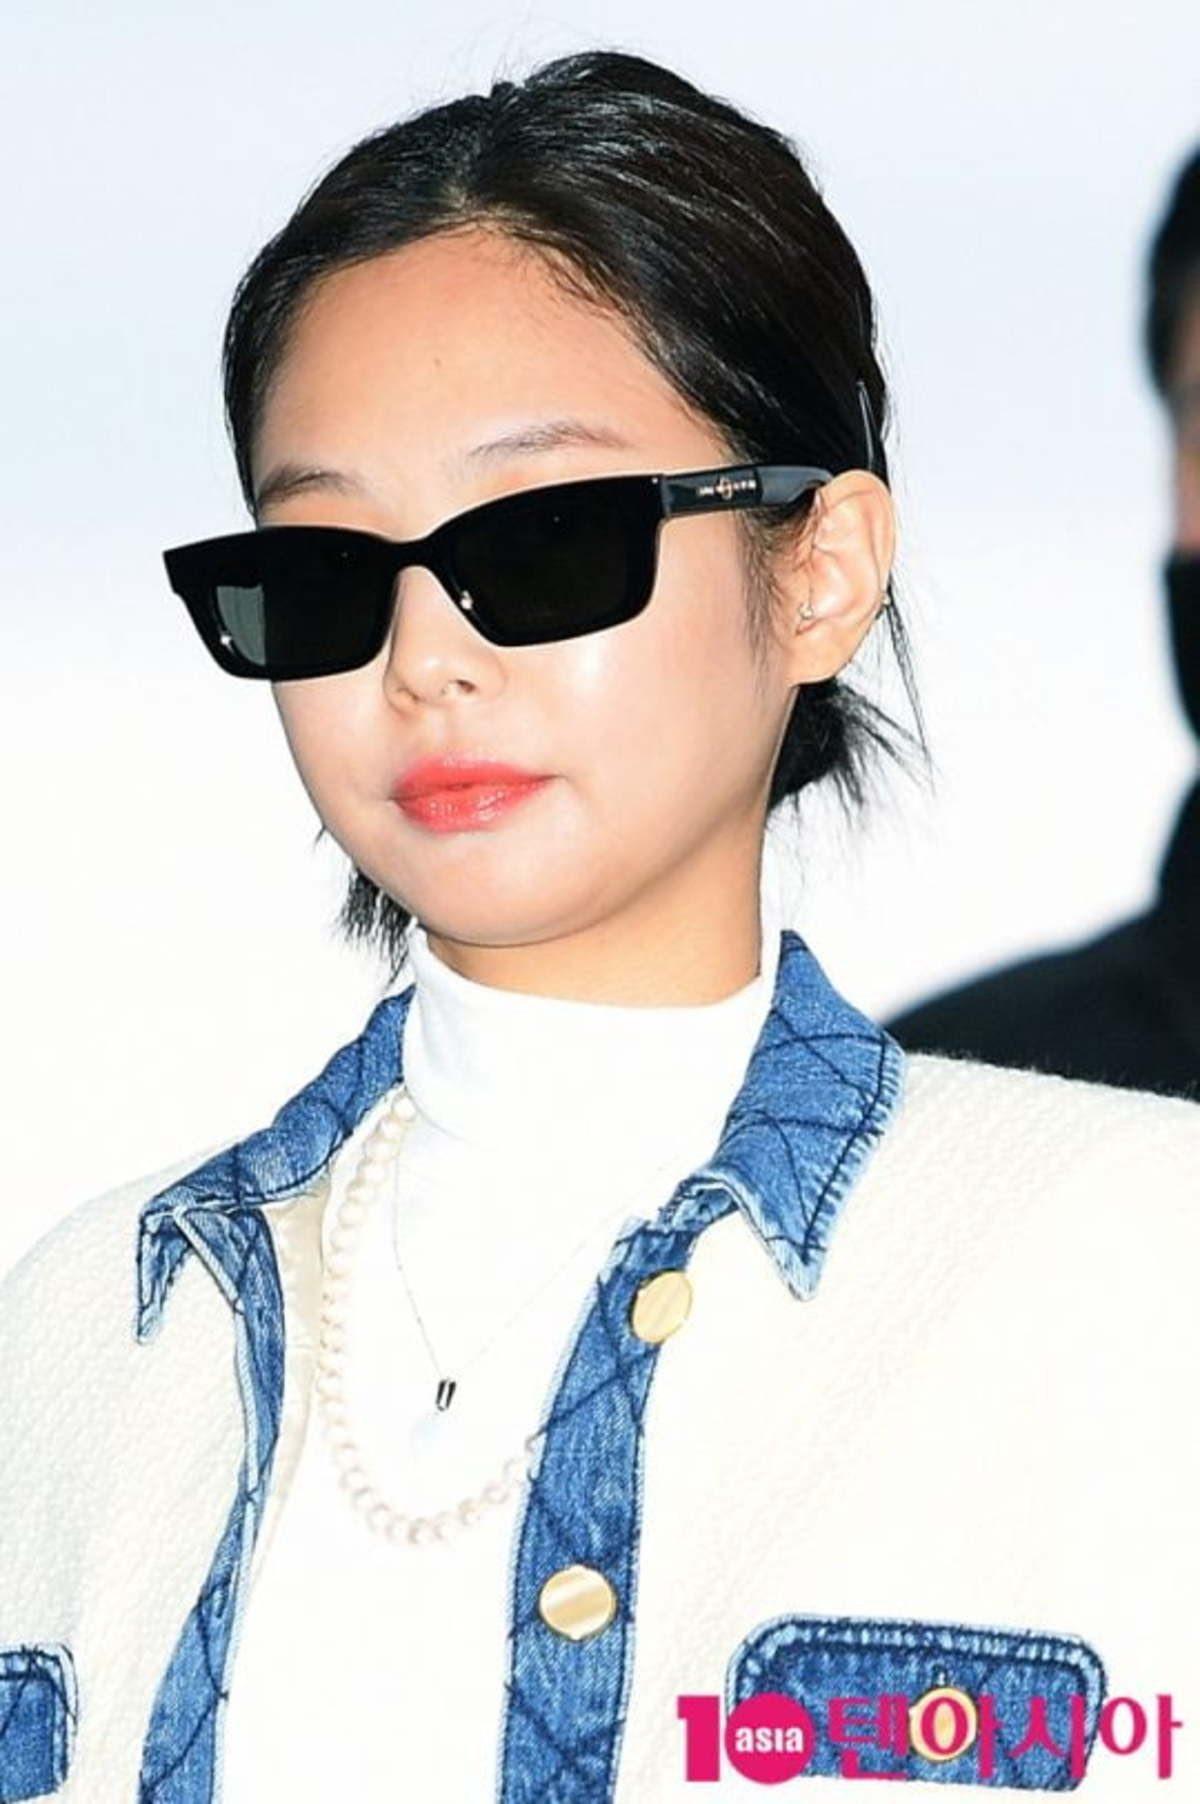 韩国记者评选最美女星,这3位偶像入选,她们真人比照片更美!插图3